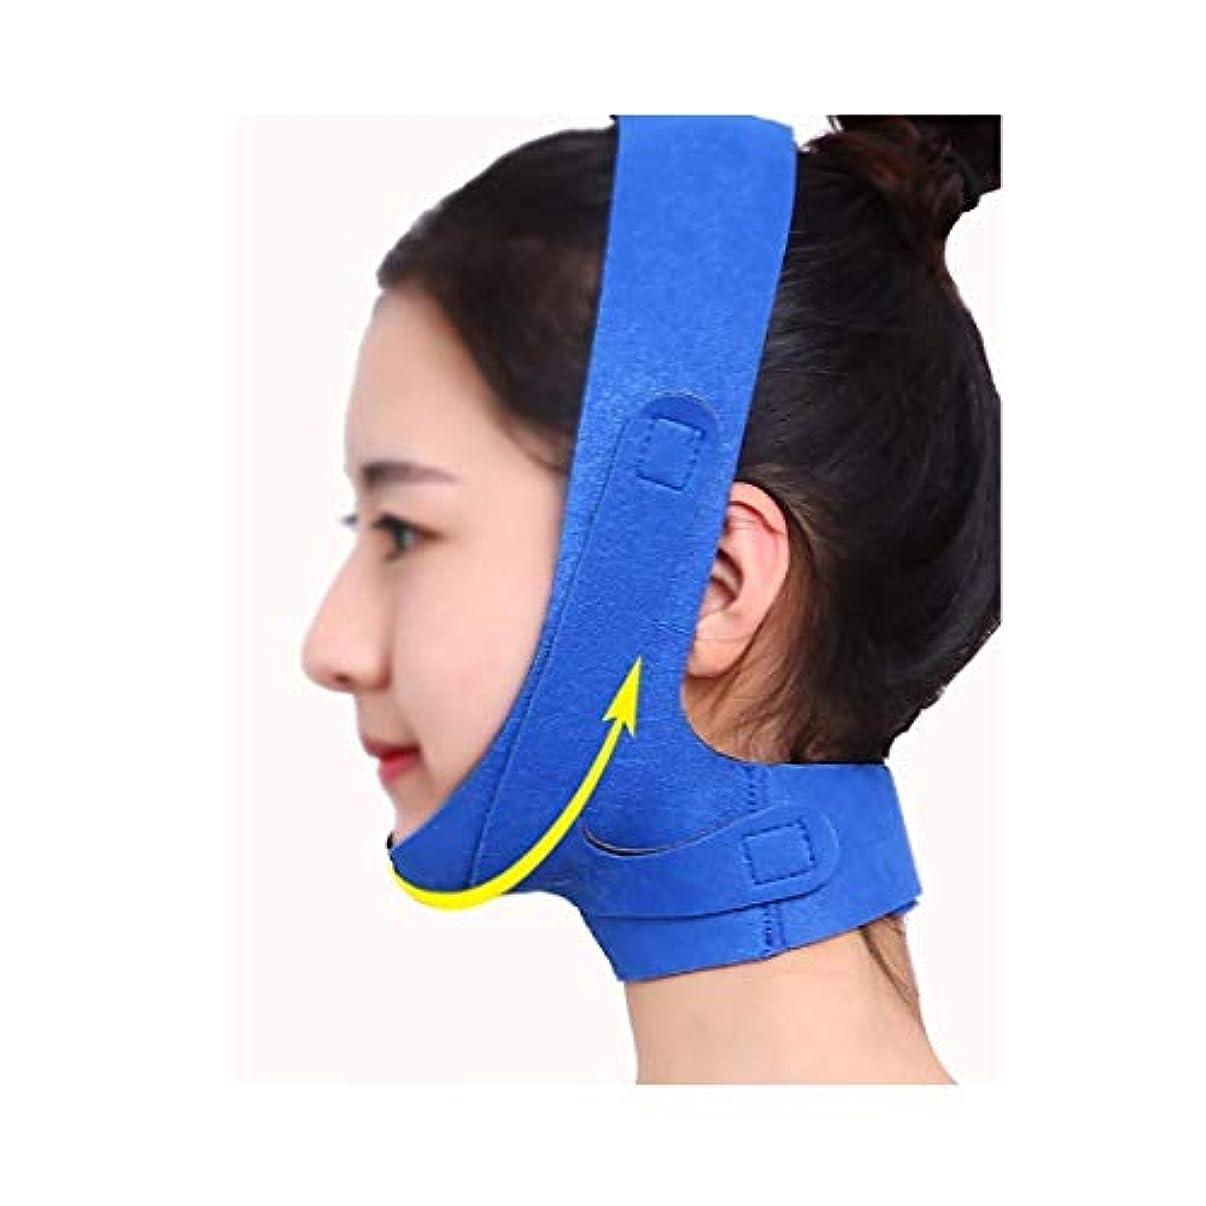 十分ではない鎮痛剤クリックフェイスリフトマスク、チンストラップの回復の包帯の睡眠の薄い顔の包帯の薄いフェイスマスクフェイスリフトの美のマスクの包帯の青いフェイスマスクが付いている小さいVの顔を高めるフェイスリフトのアーティファクト